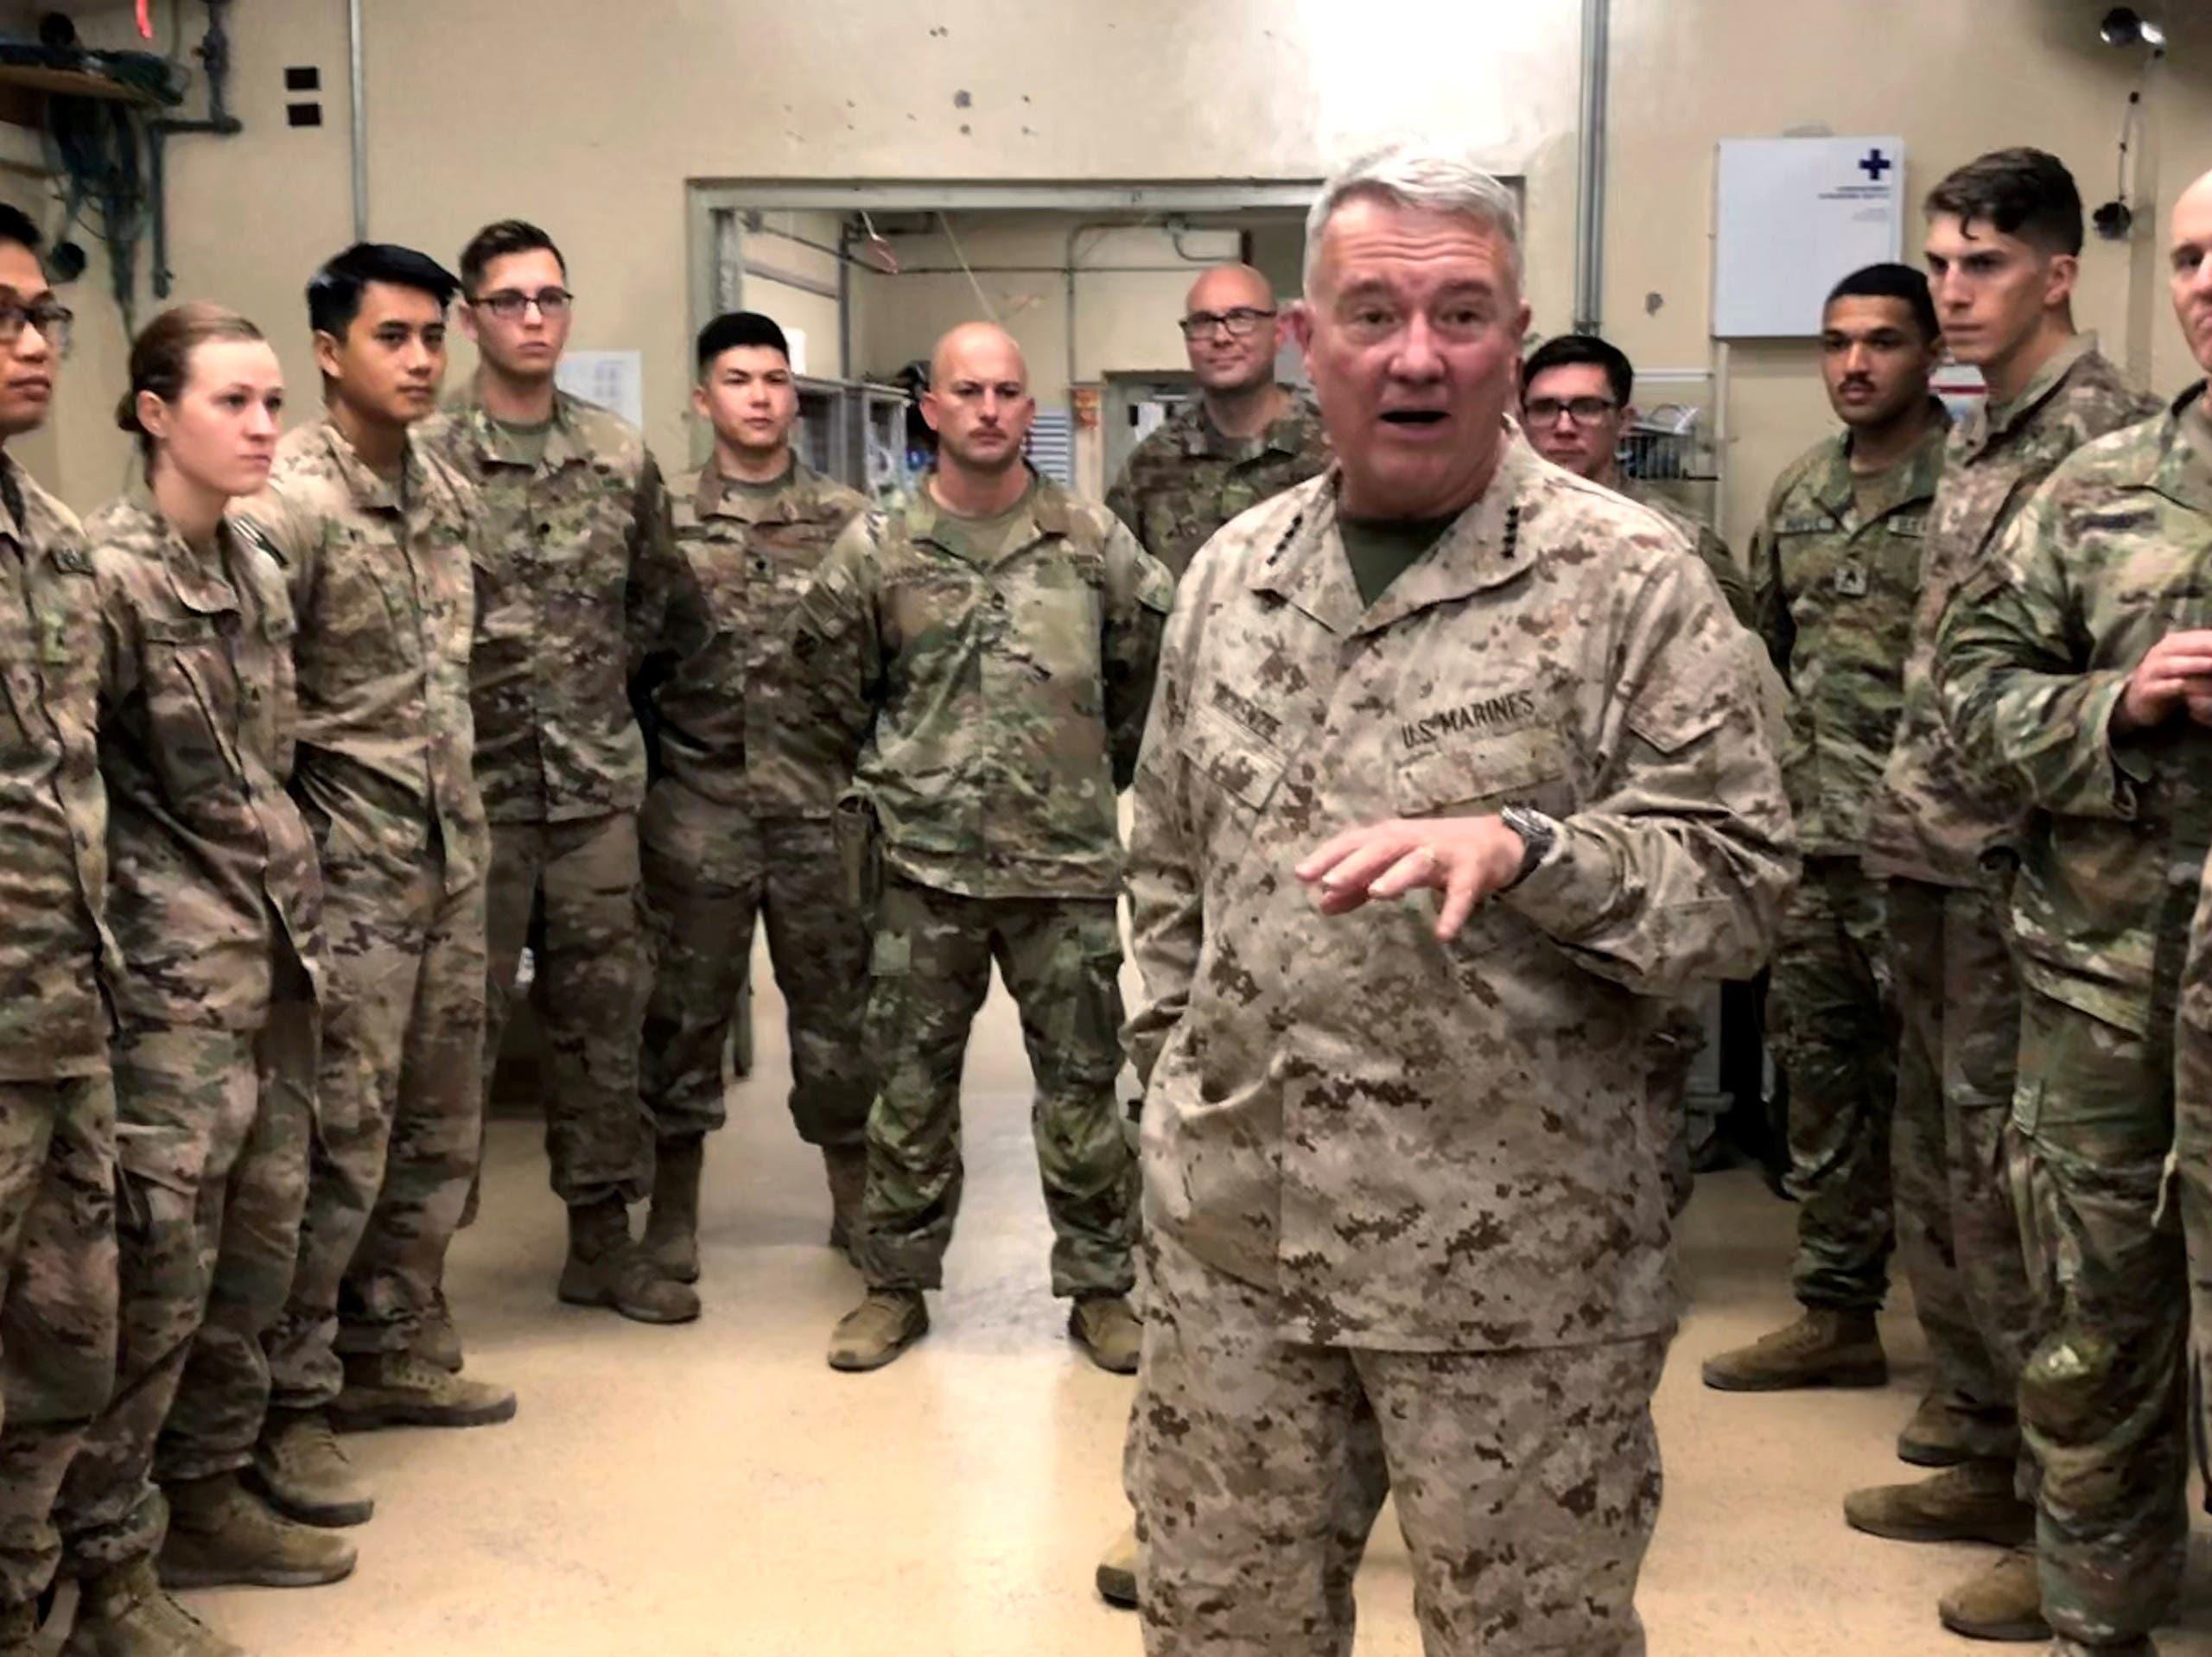 قائد القيادة المركزية الأميركية، الجنرال ماكنزي (رويترز)